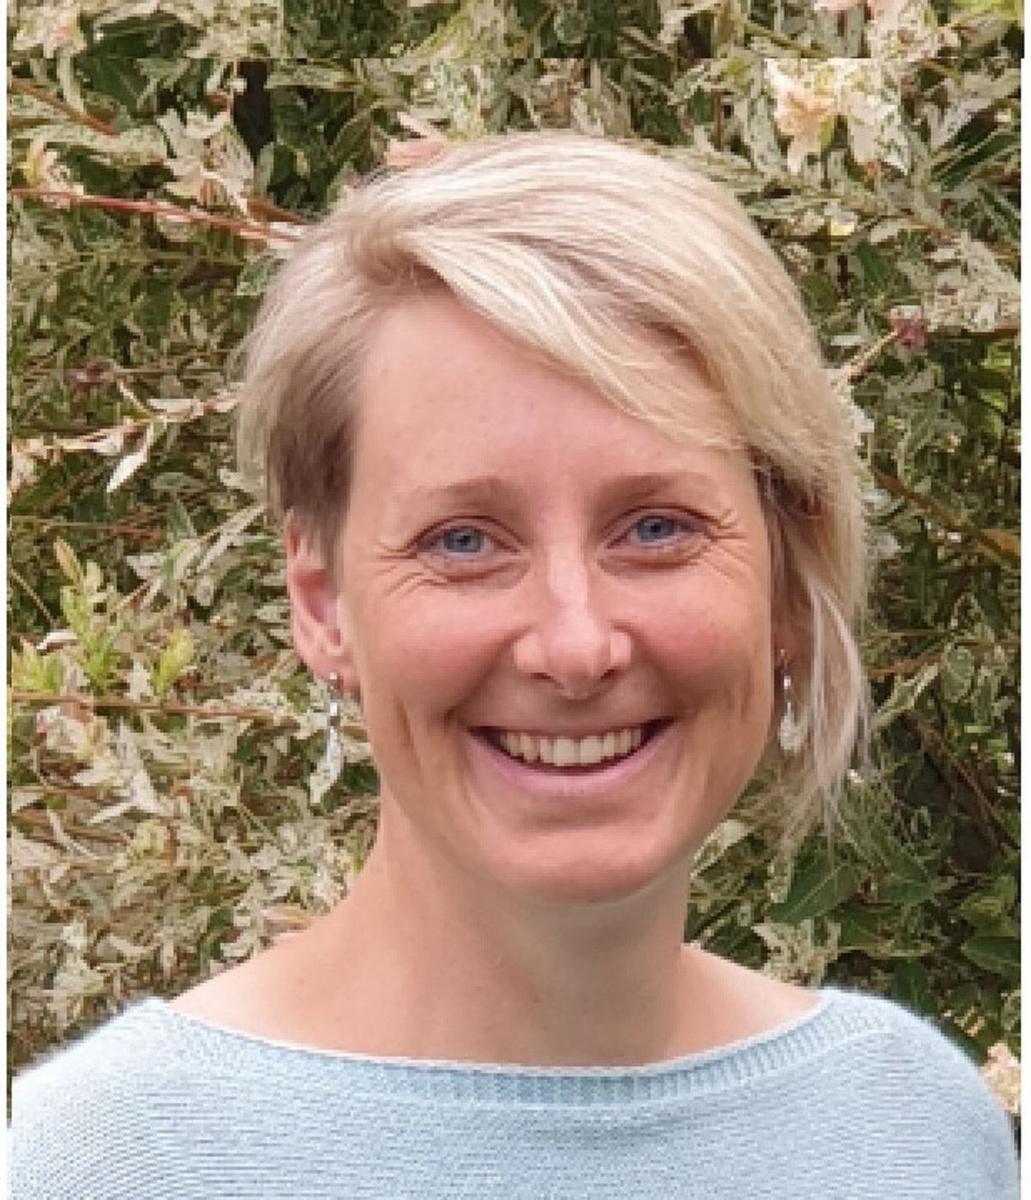 De nieuwe directeur van VBS De Bosbes: Jente Hugaert.